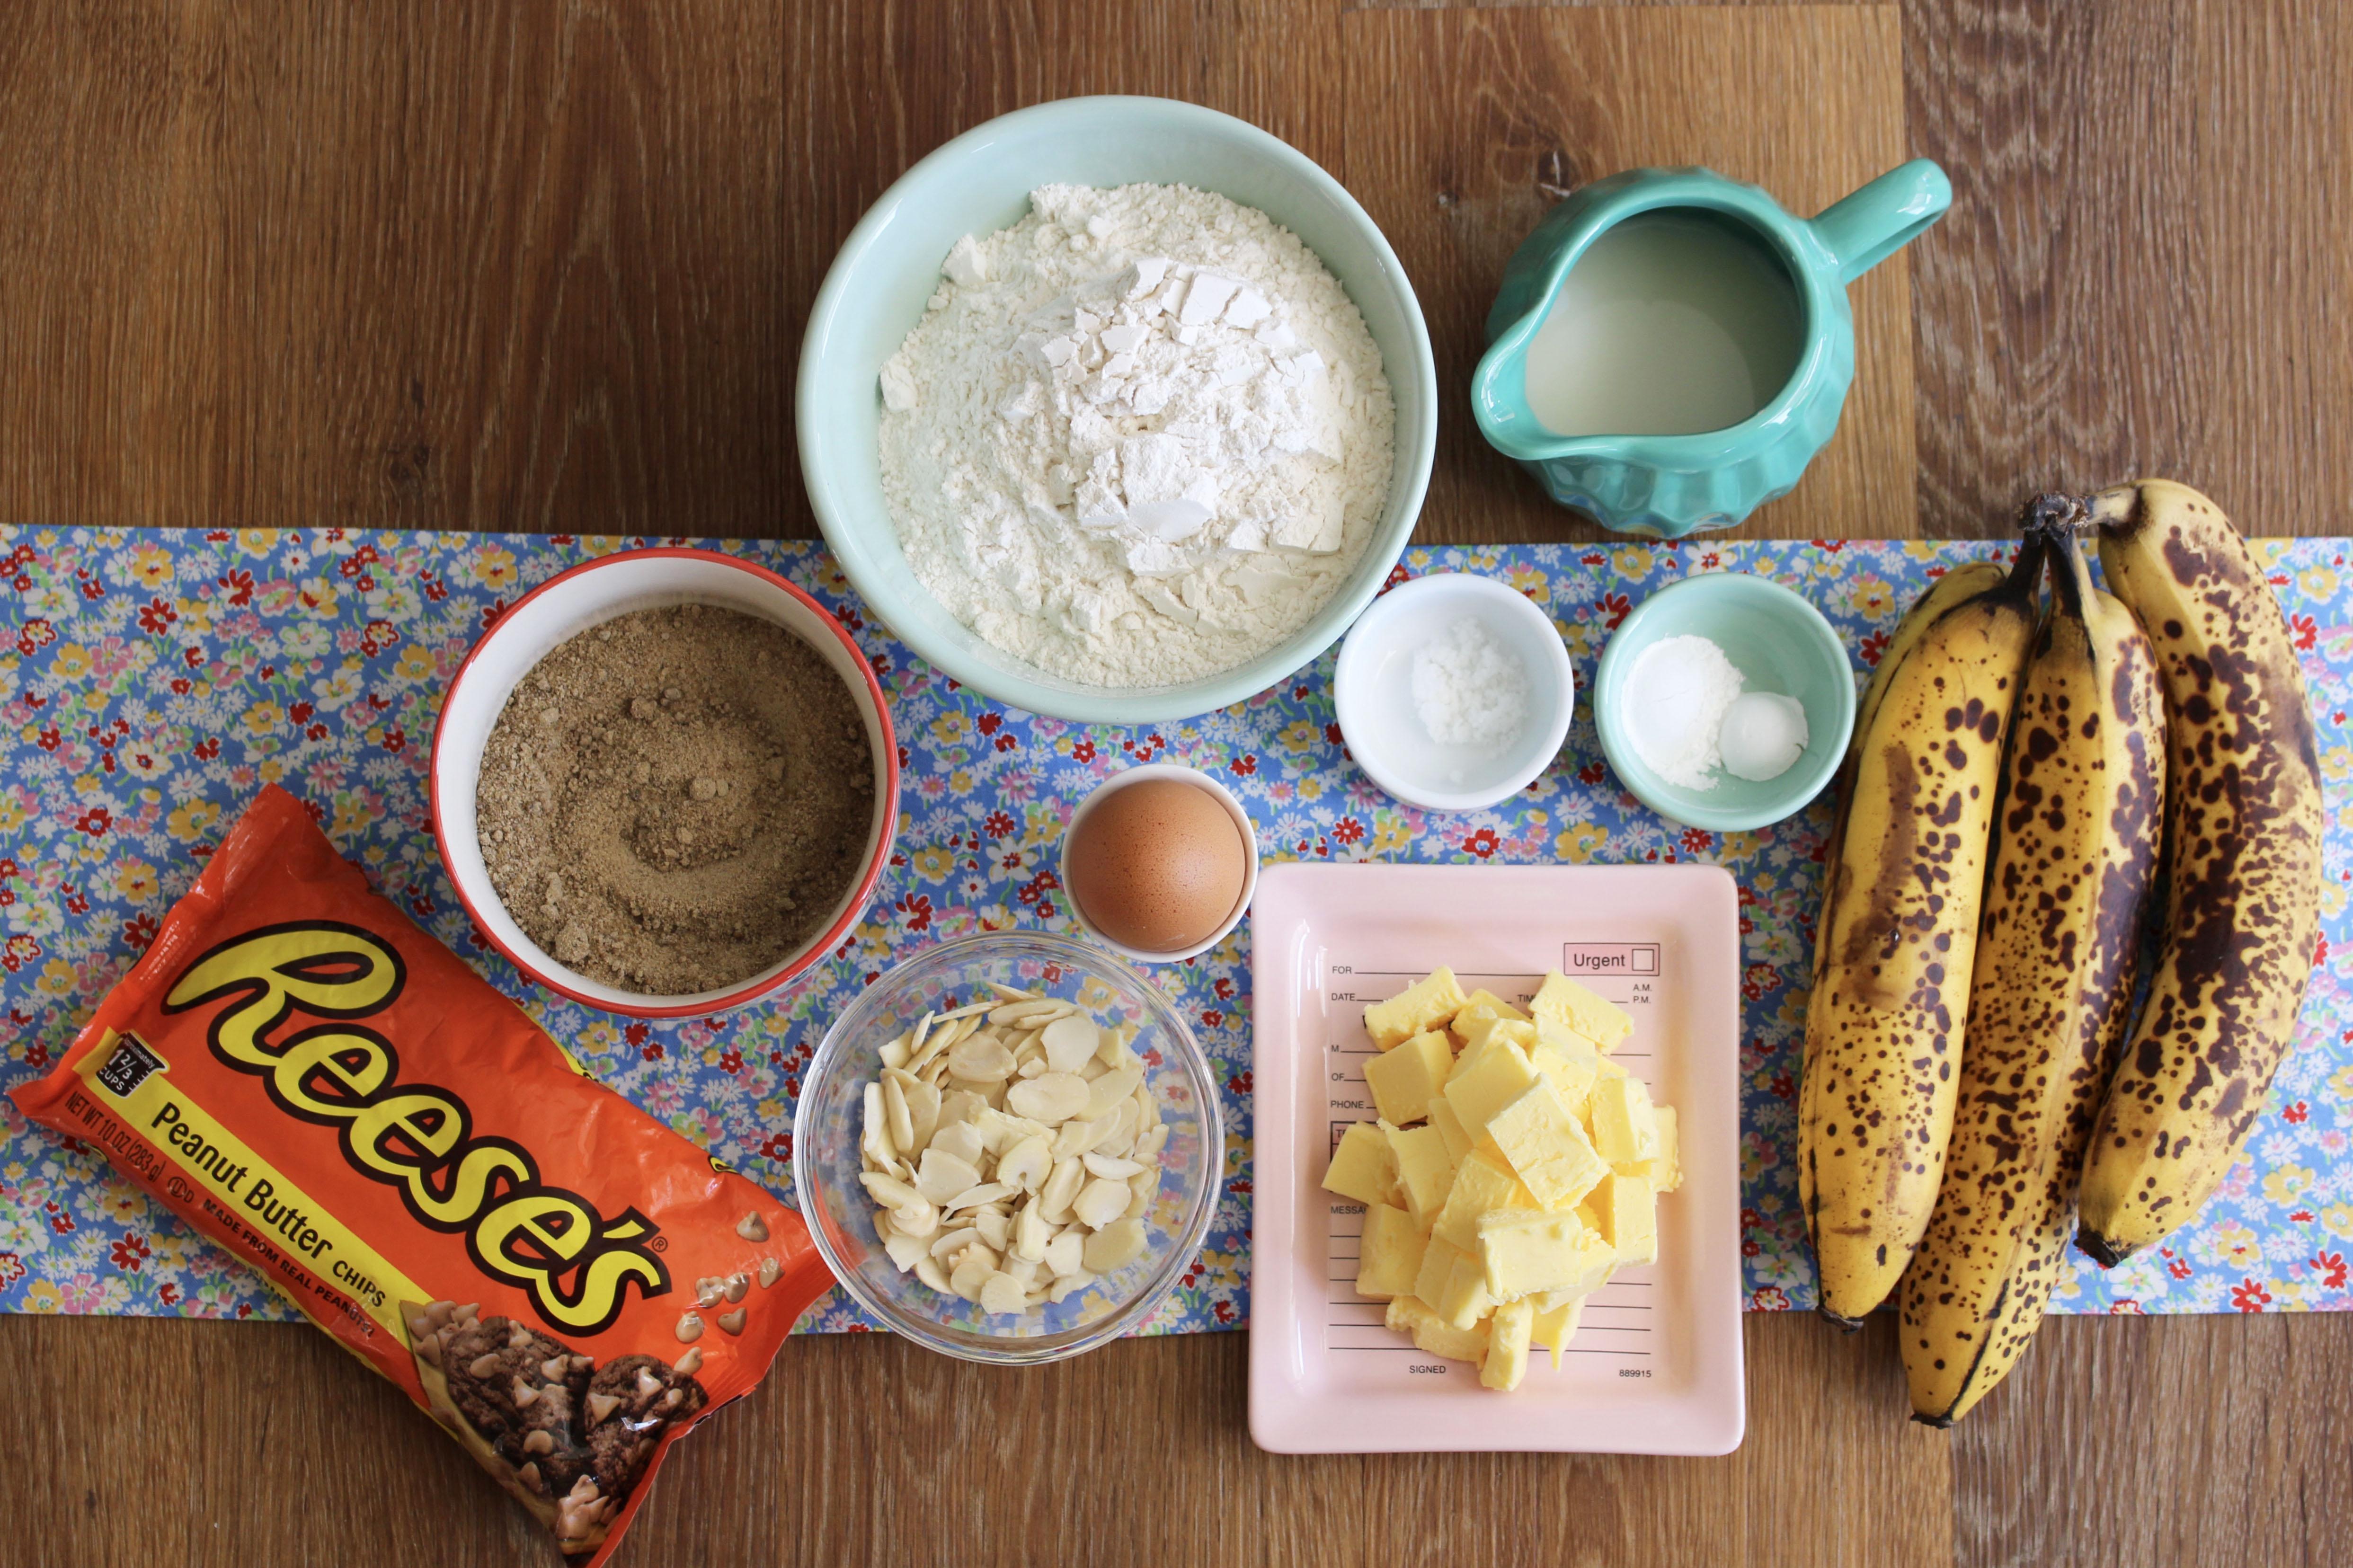 mise en place - banana bread